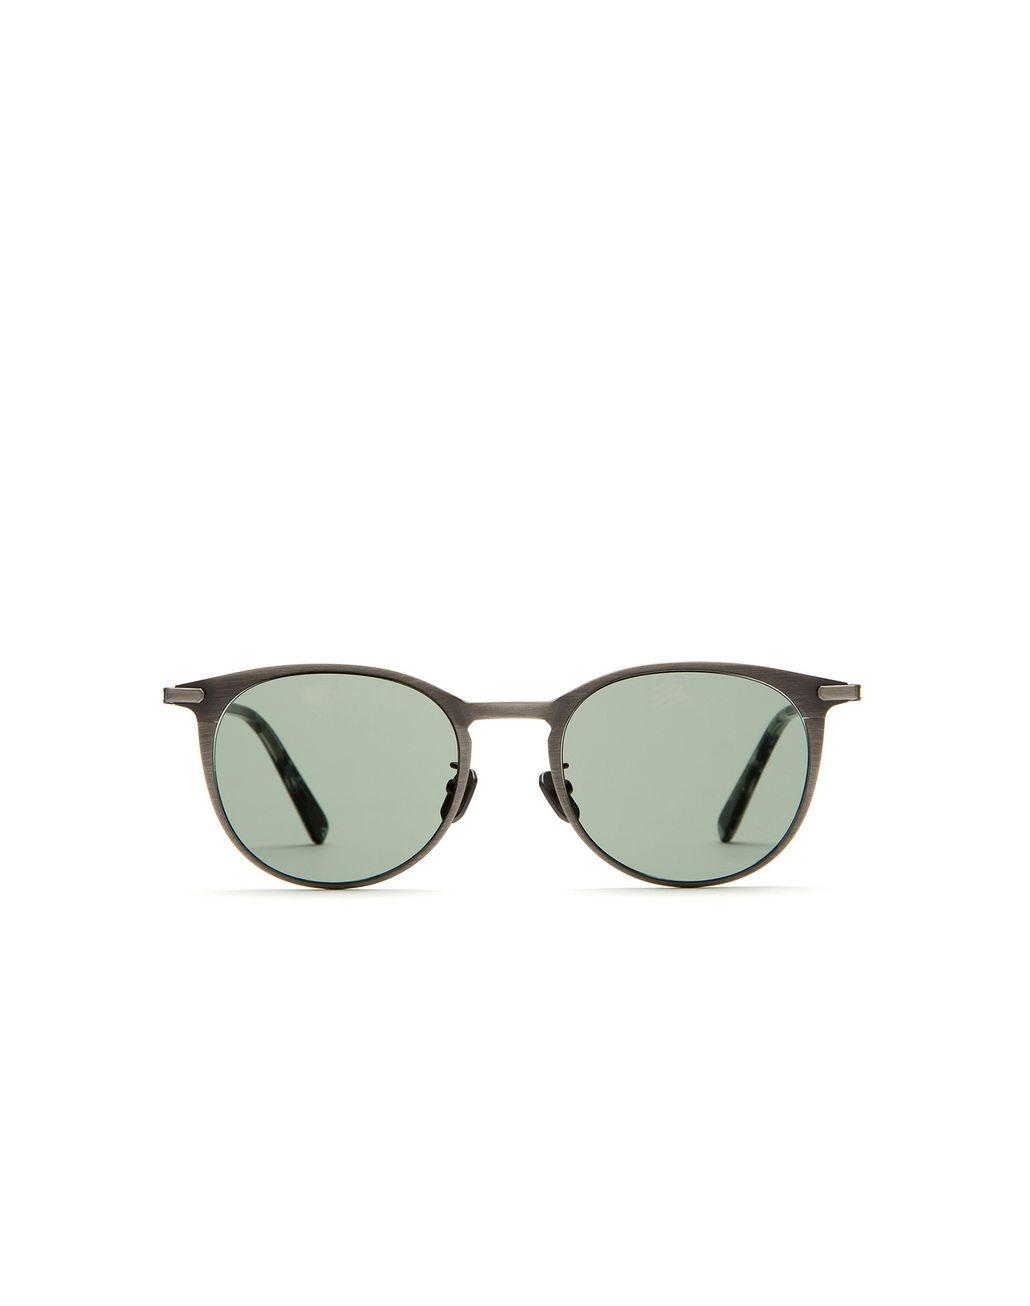 BRIONI Silver Titanium Pantos Sunglasses Sunglasses Man f